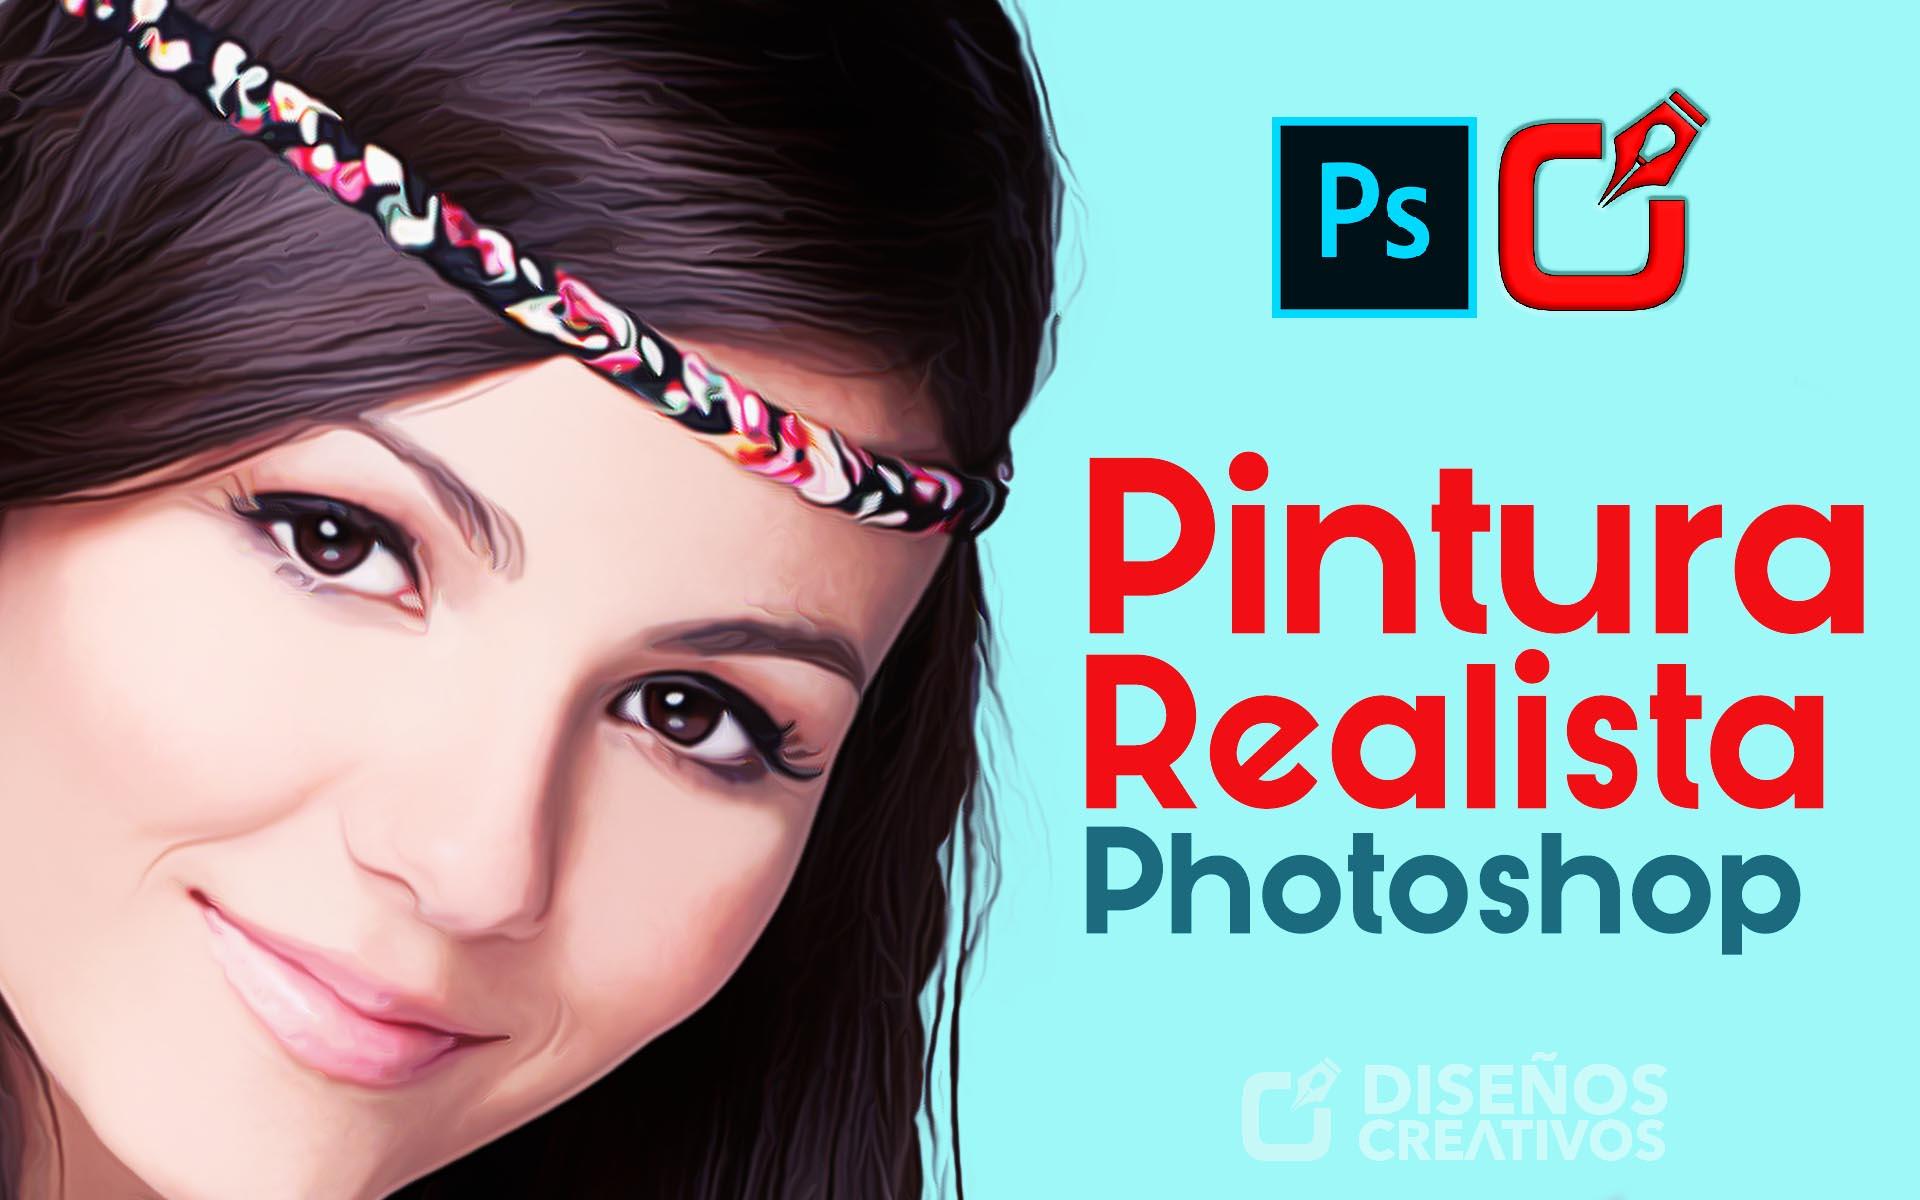 Pintura realista en photoshop